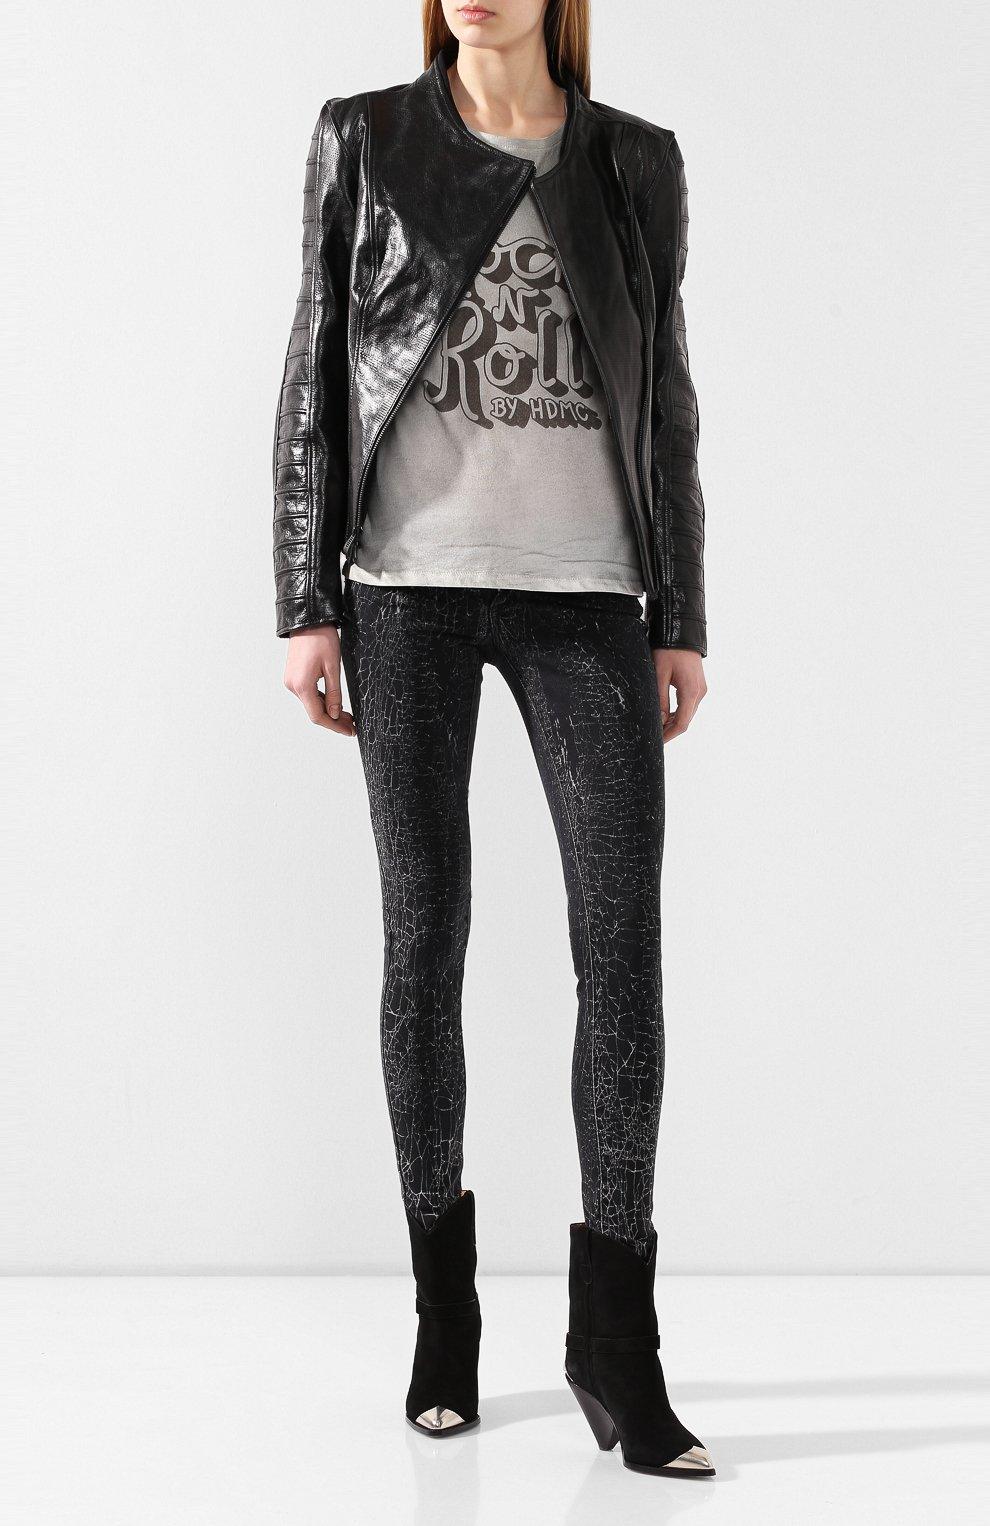 Женские джинсы black label HARLEY-DAVIDSON черного цвета, арт. 96373-16VW   Фото 2